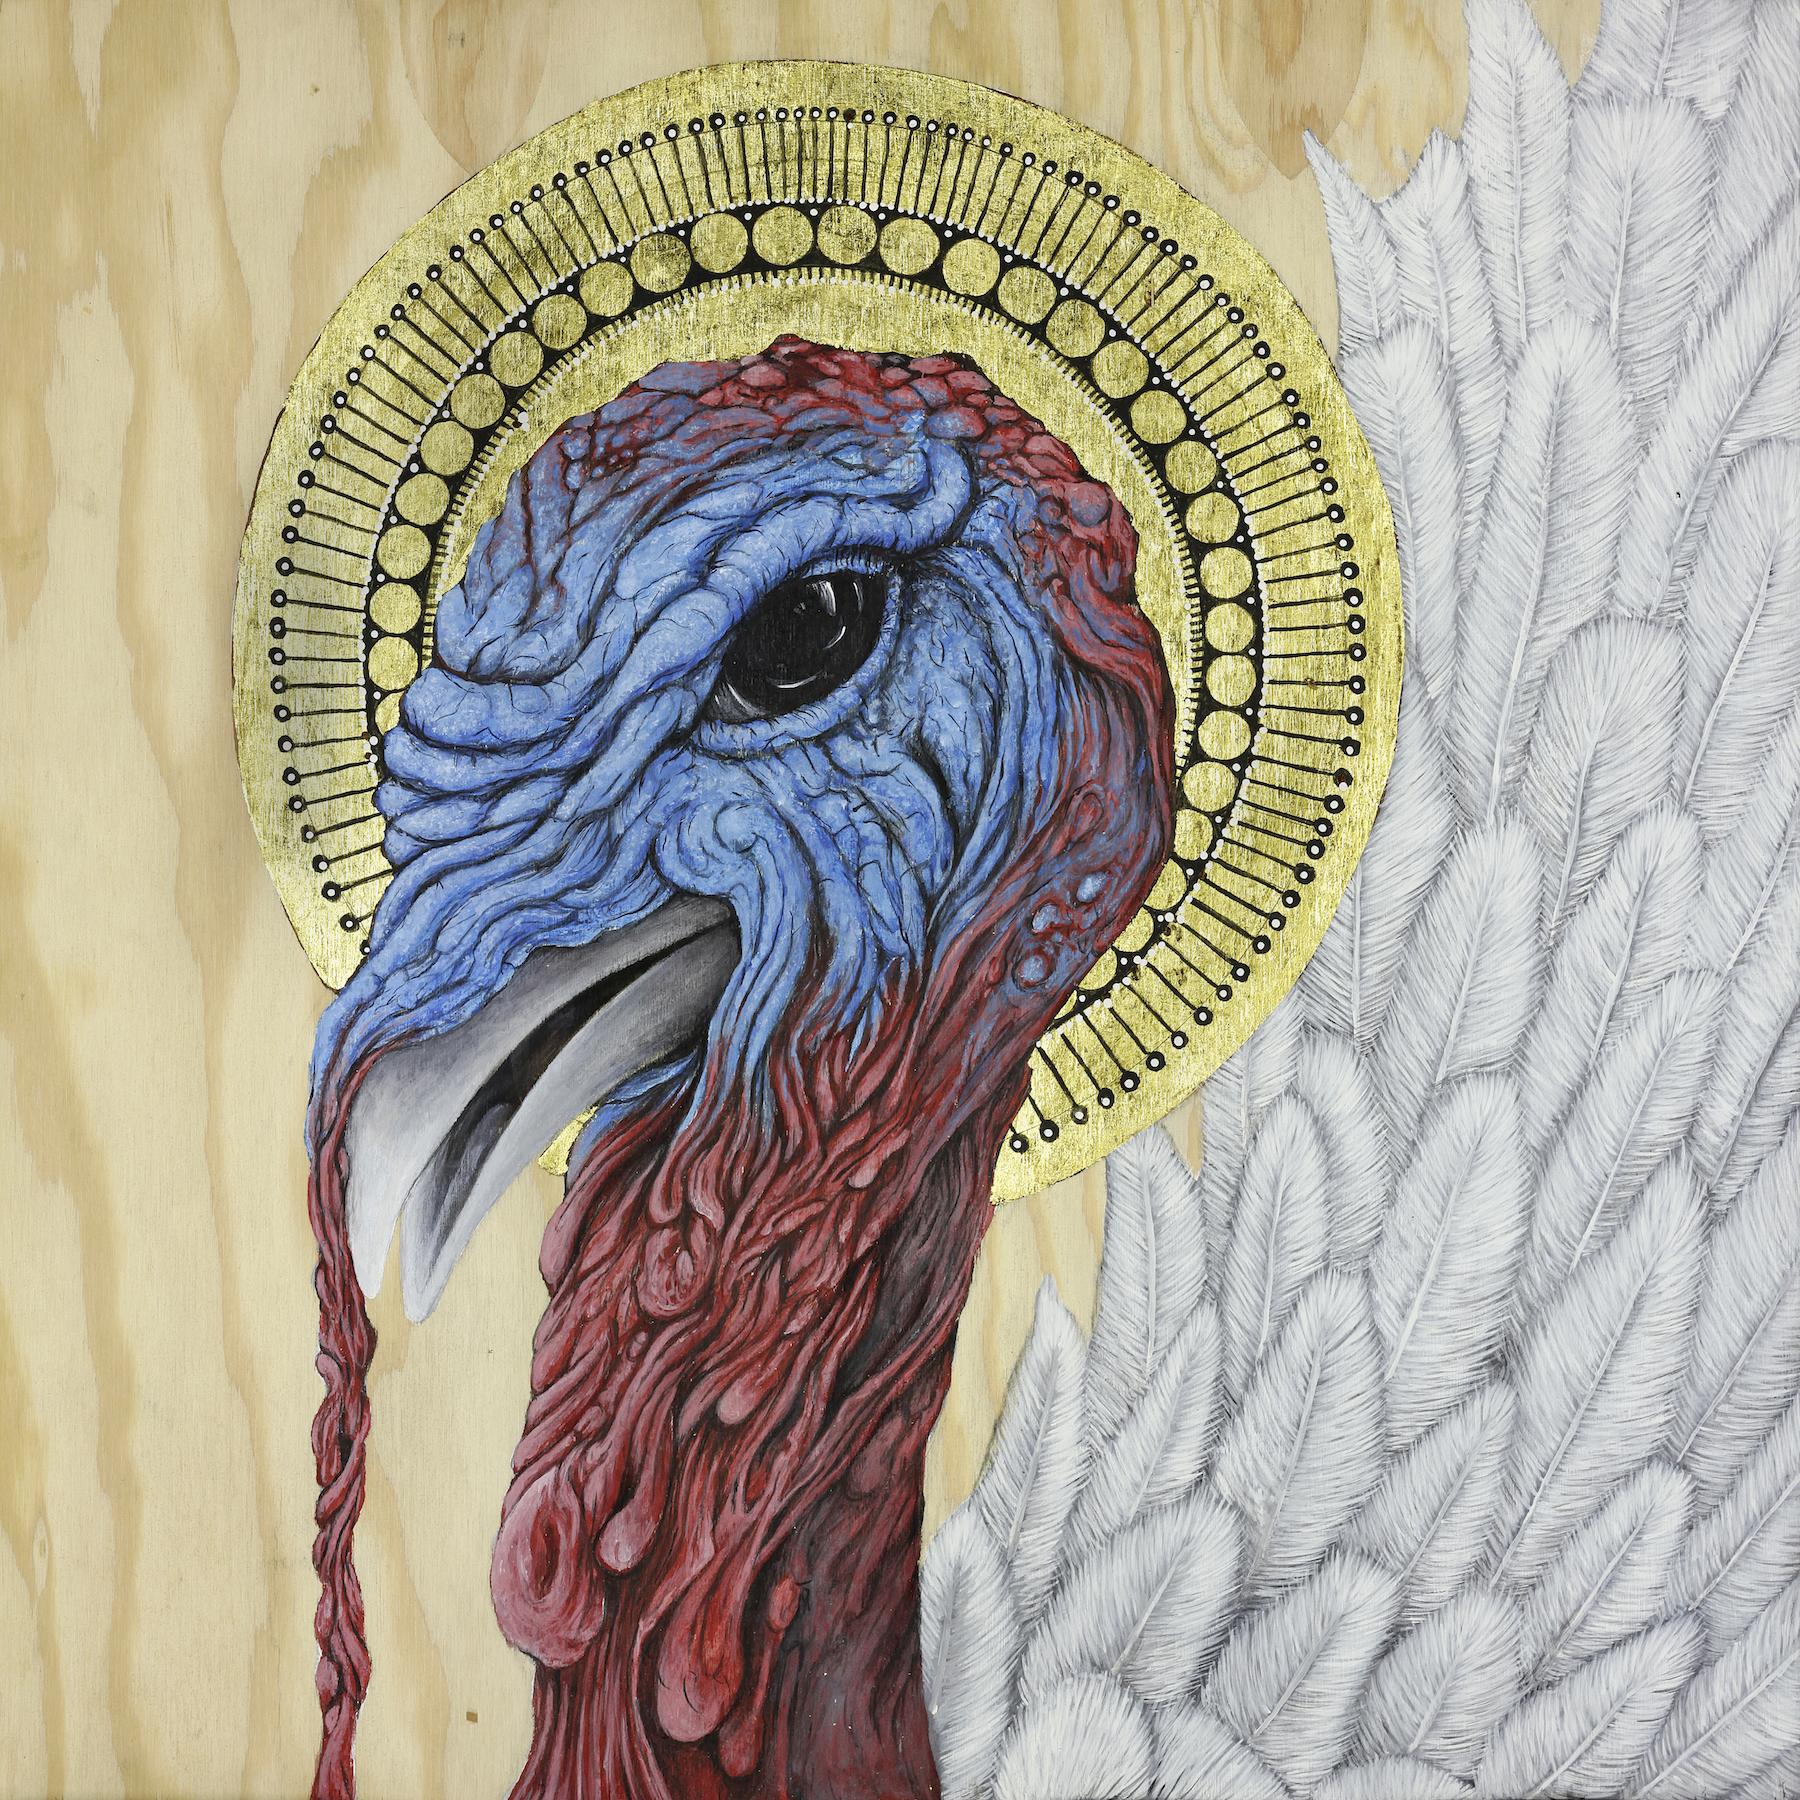 St. Meleagris: Patron Saint of Broad Breasted Turkeys